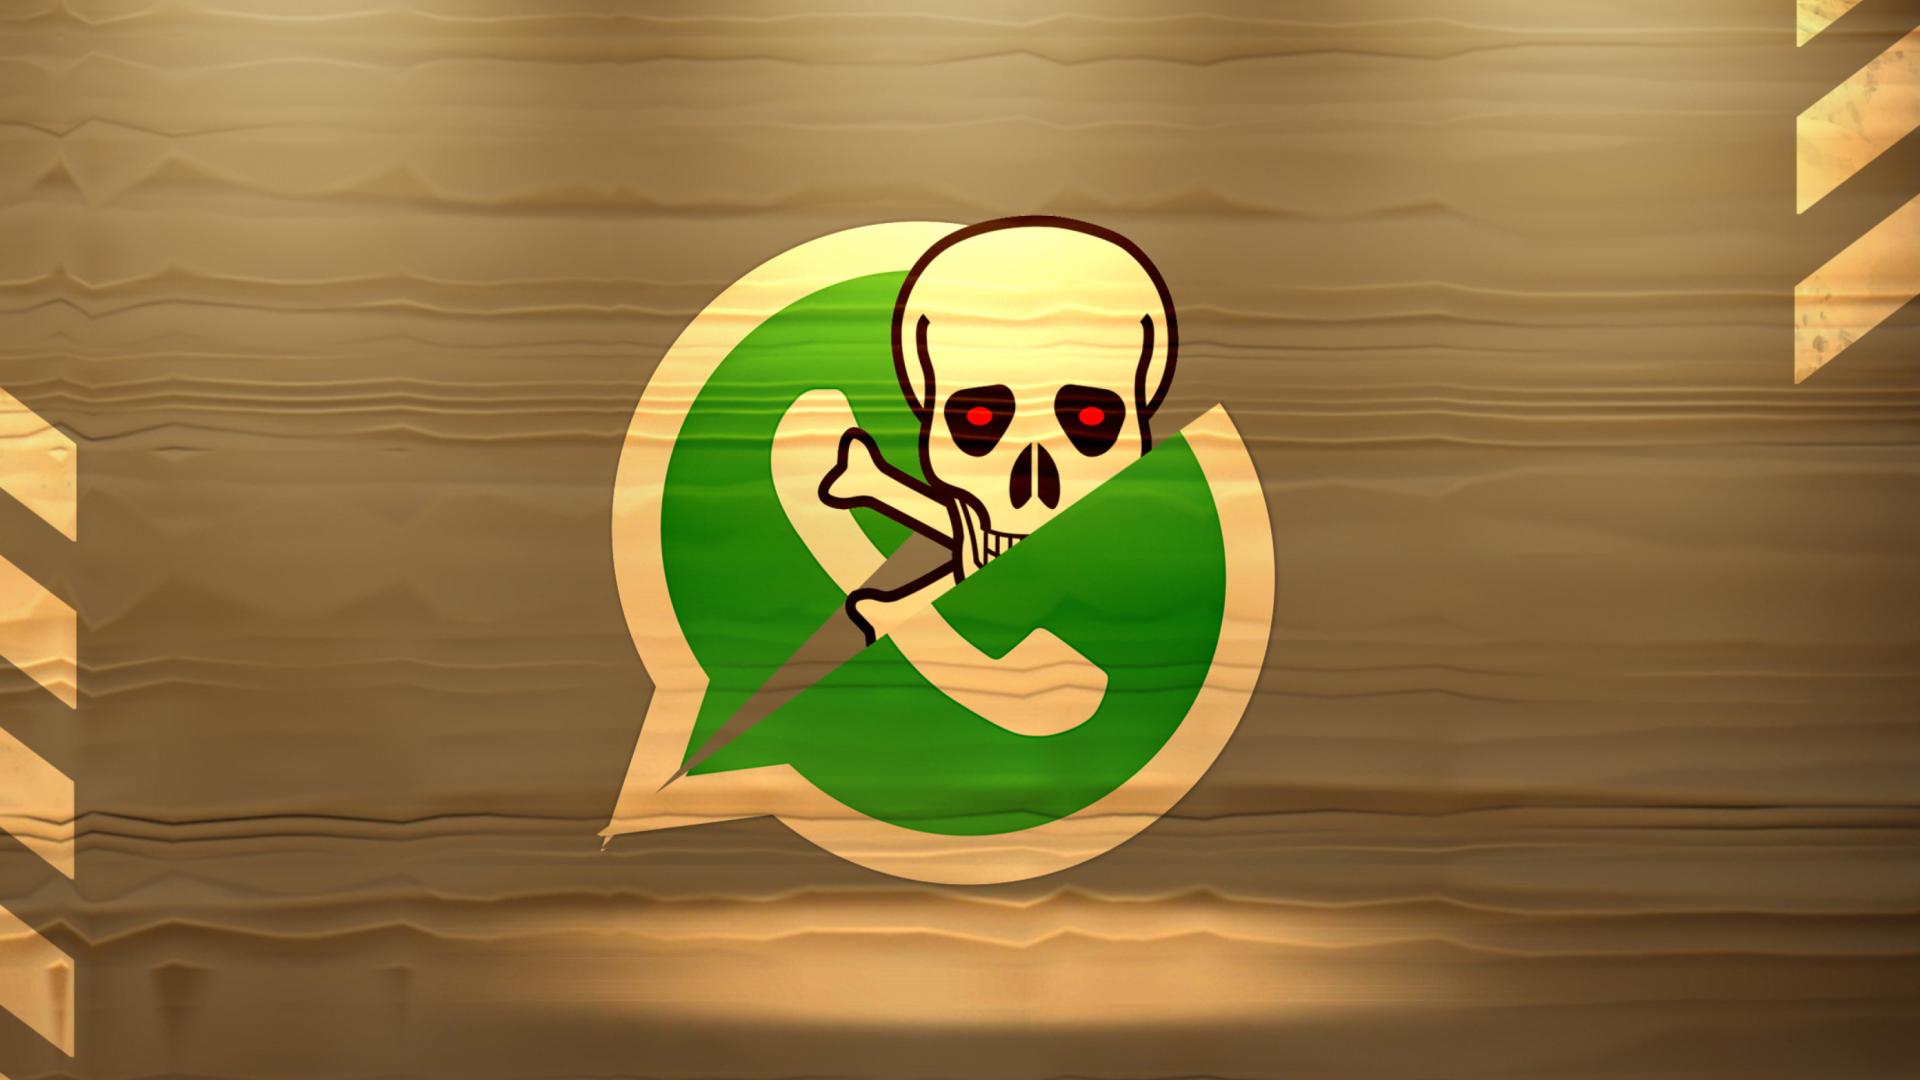 Descoberta vulnerabilidade nas versões para browser de WhatsApp e Telegram